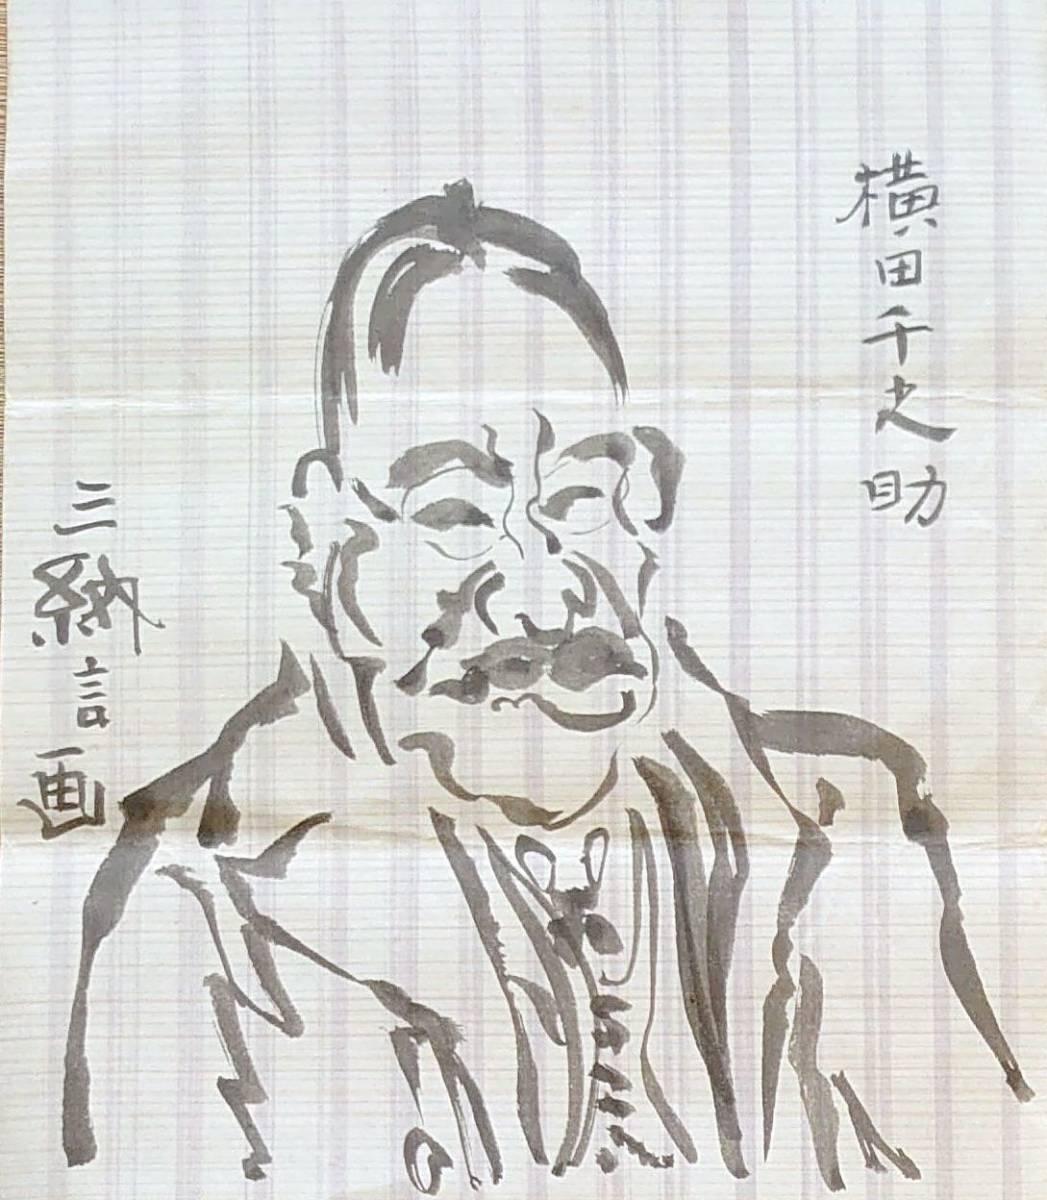 ヤフオク! - f19110914 明治時代著名人似顔絵 筆絵 横田千之...